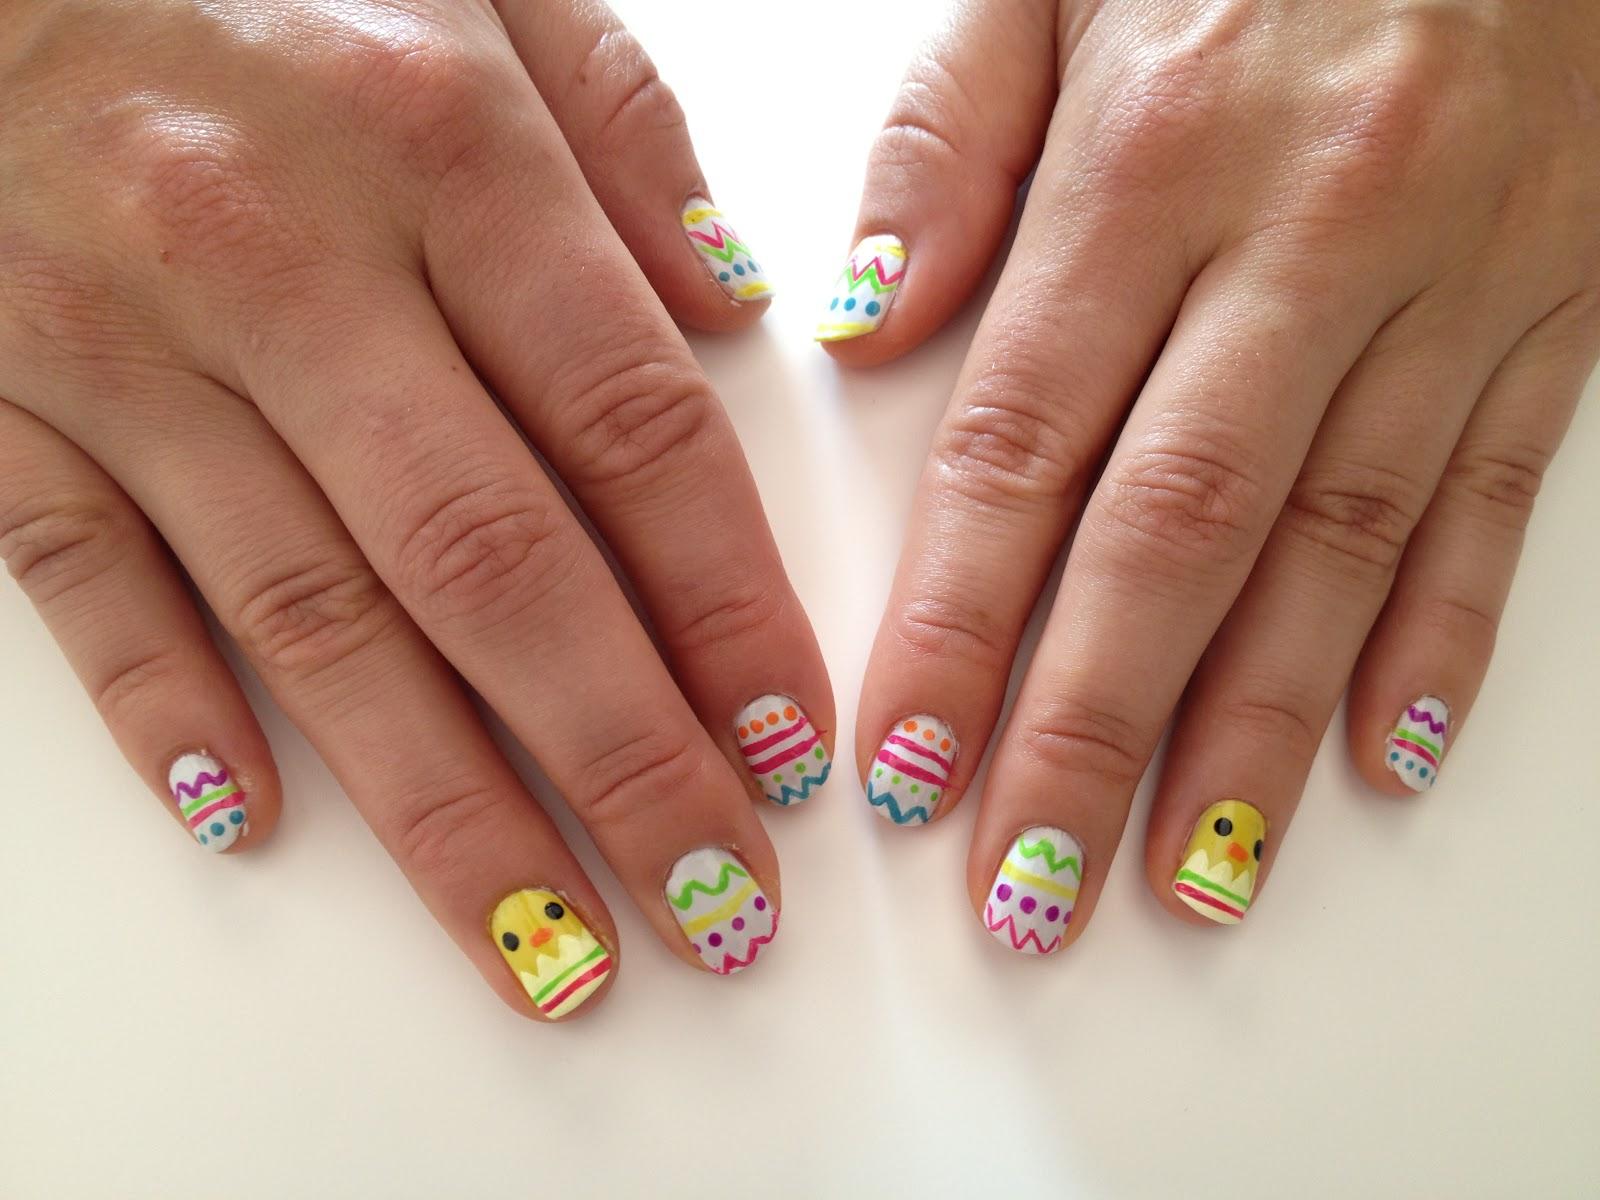 Nail designs cutepolish nail art designs nail designs cutepolish hqdefault 3ec896300723a8e2915383ba309e752b feba9ed7659aa702284b660a0a181e1c 8870e645018fc1eb605763153be74c21 2013 03 271206 prinsesfo Image collections